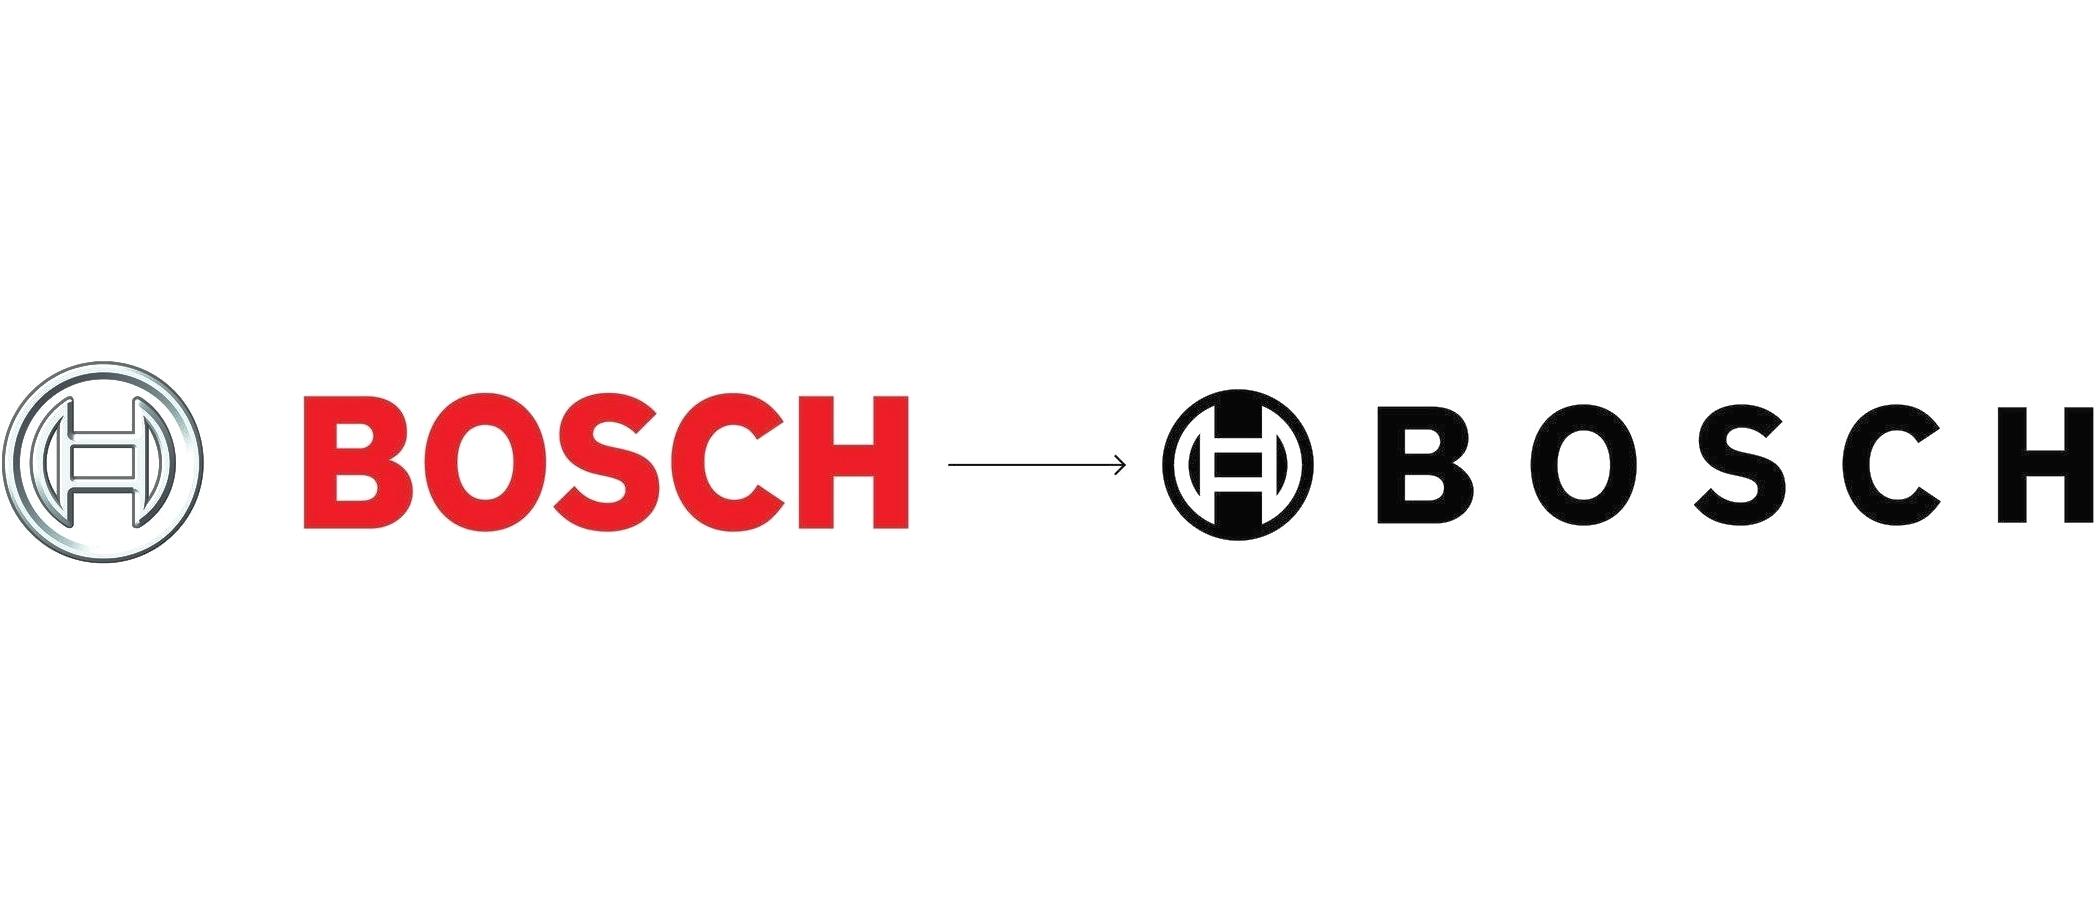 BoschAuto_Brandinggg.jpg